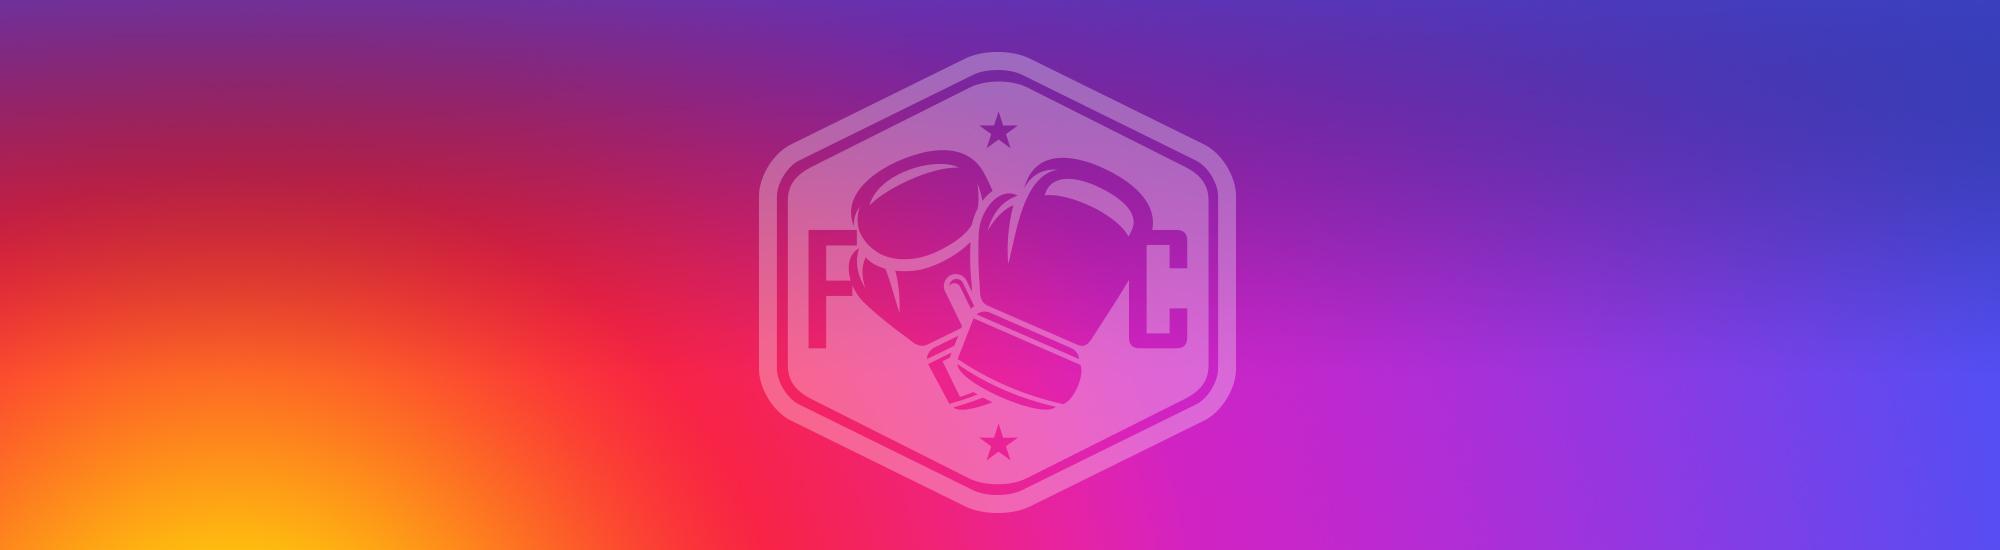 ffs-fight-club-0516